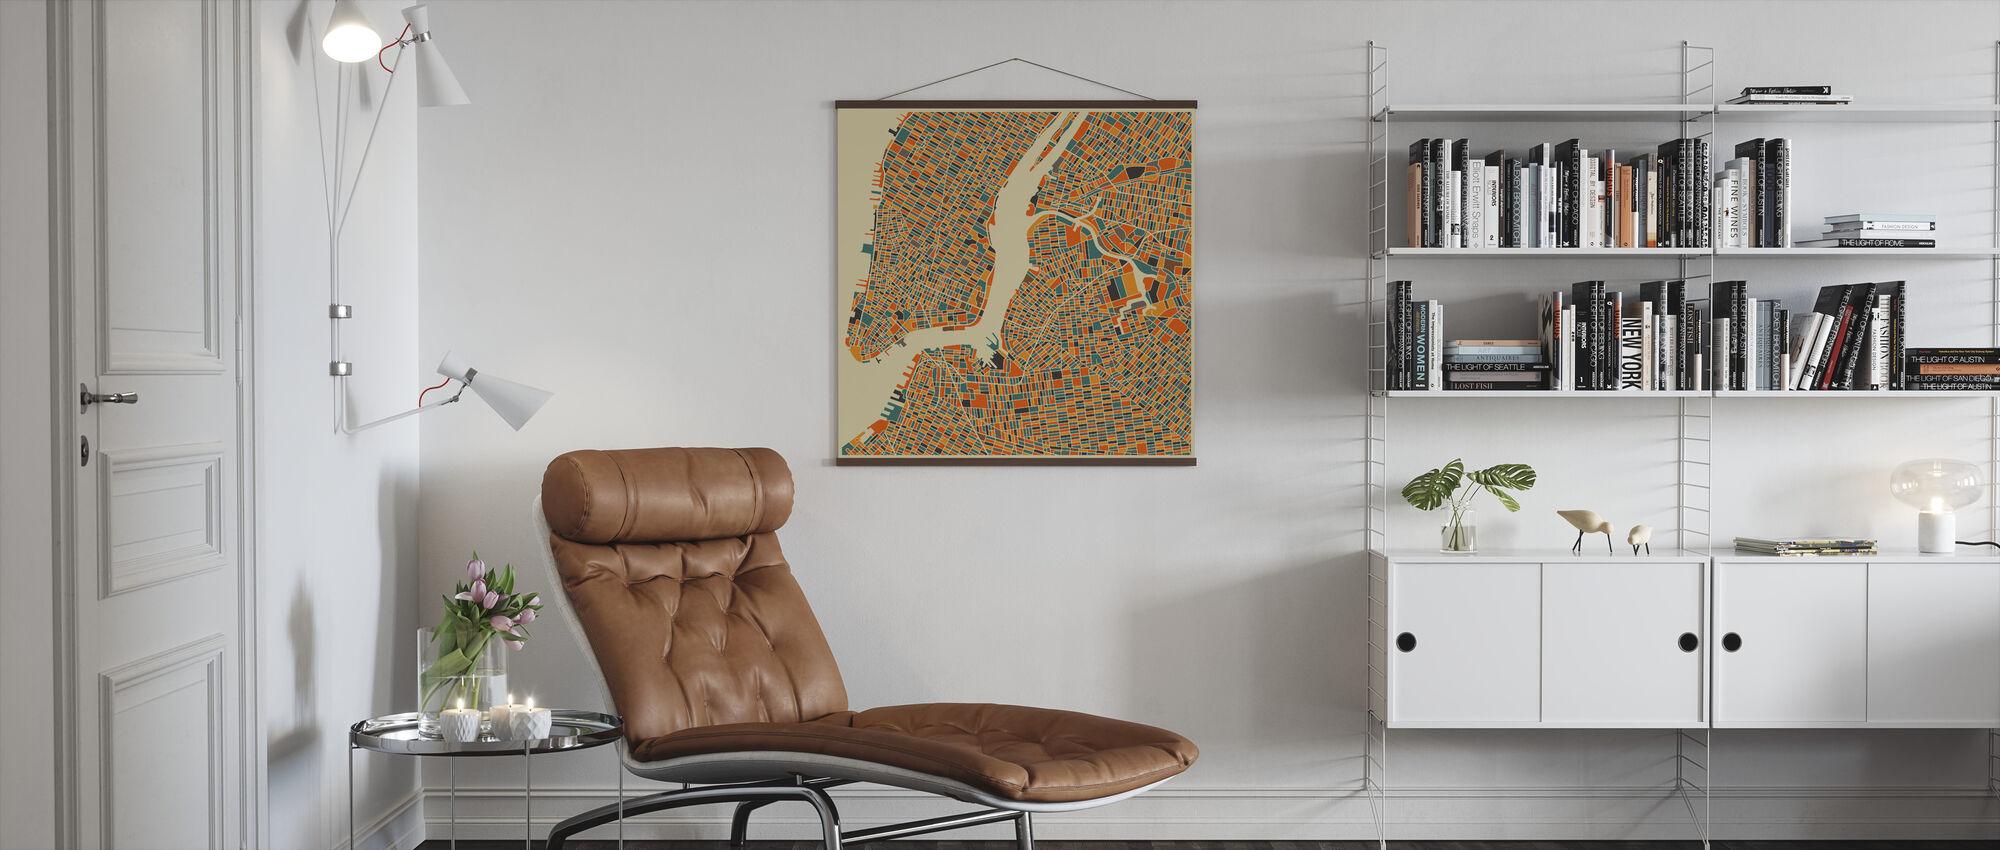 Mehrfarbige Karte - New York - Poster - Wohnzimmer